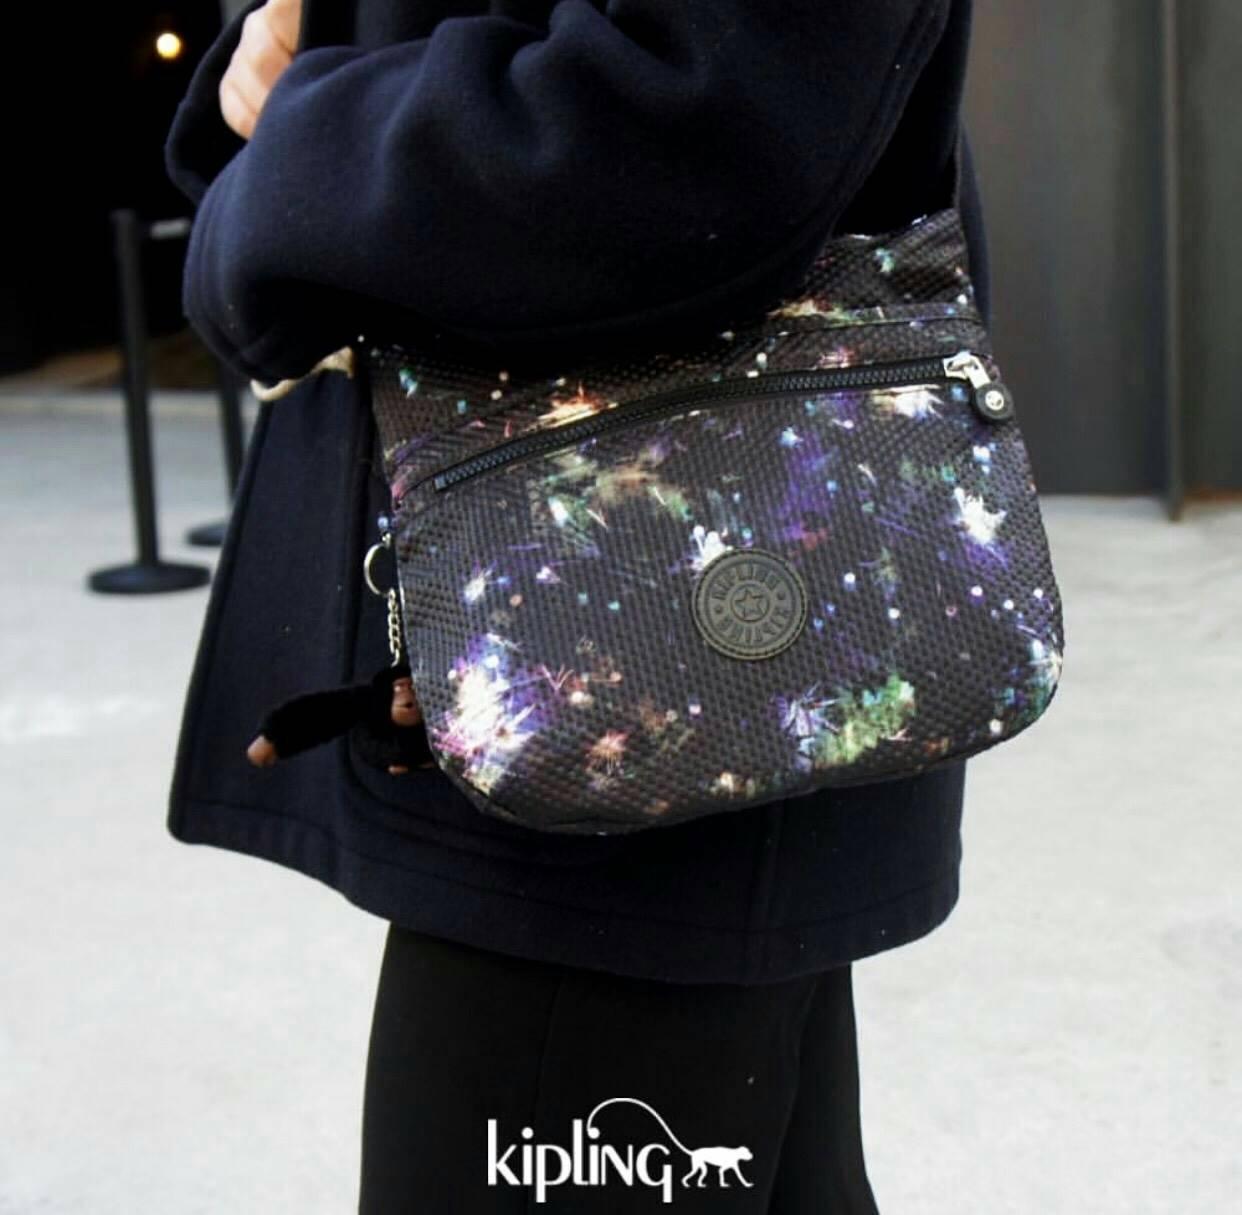 KIPLING ART O Shoulder Bag